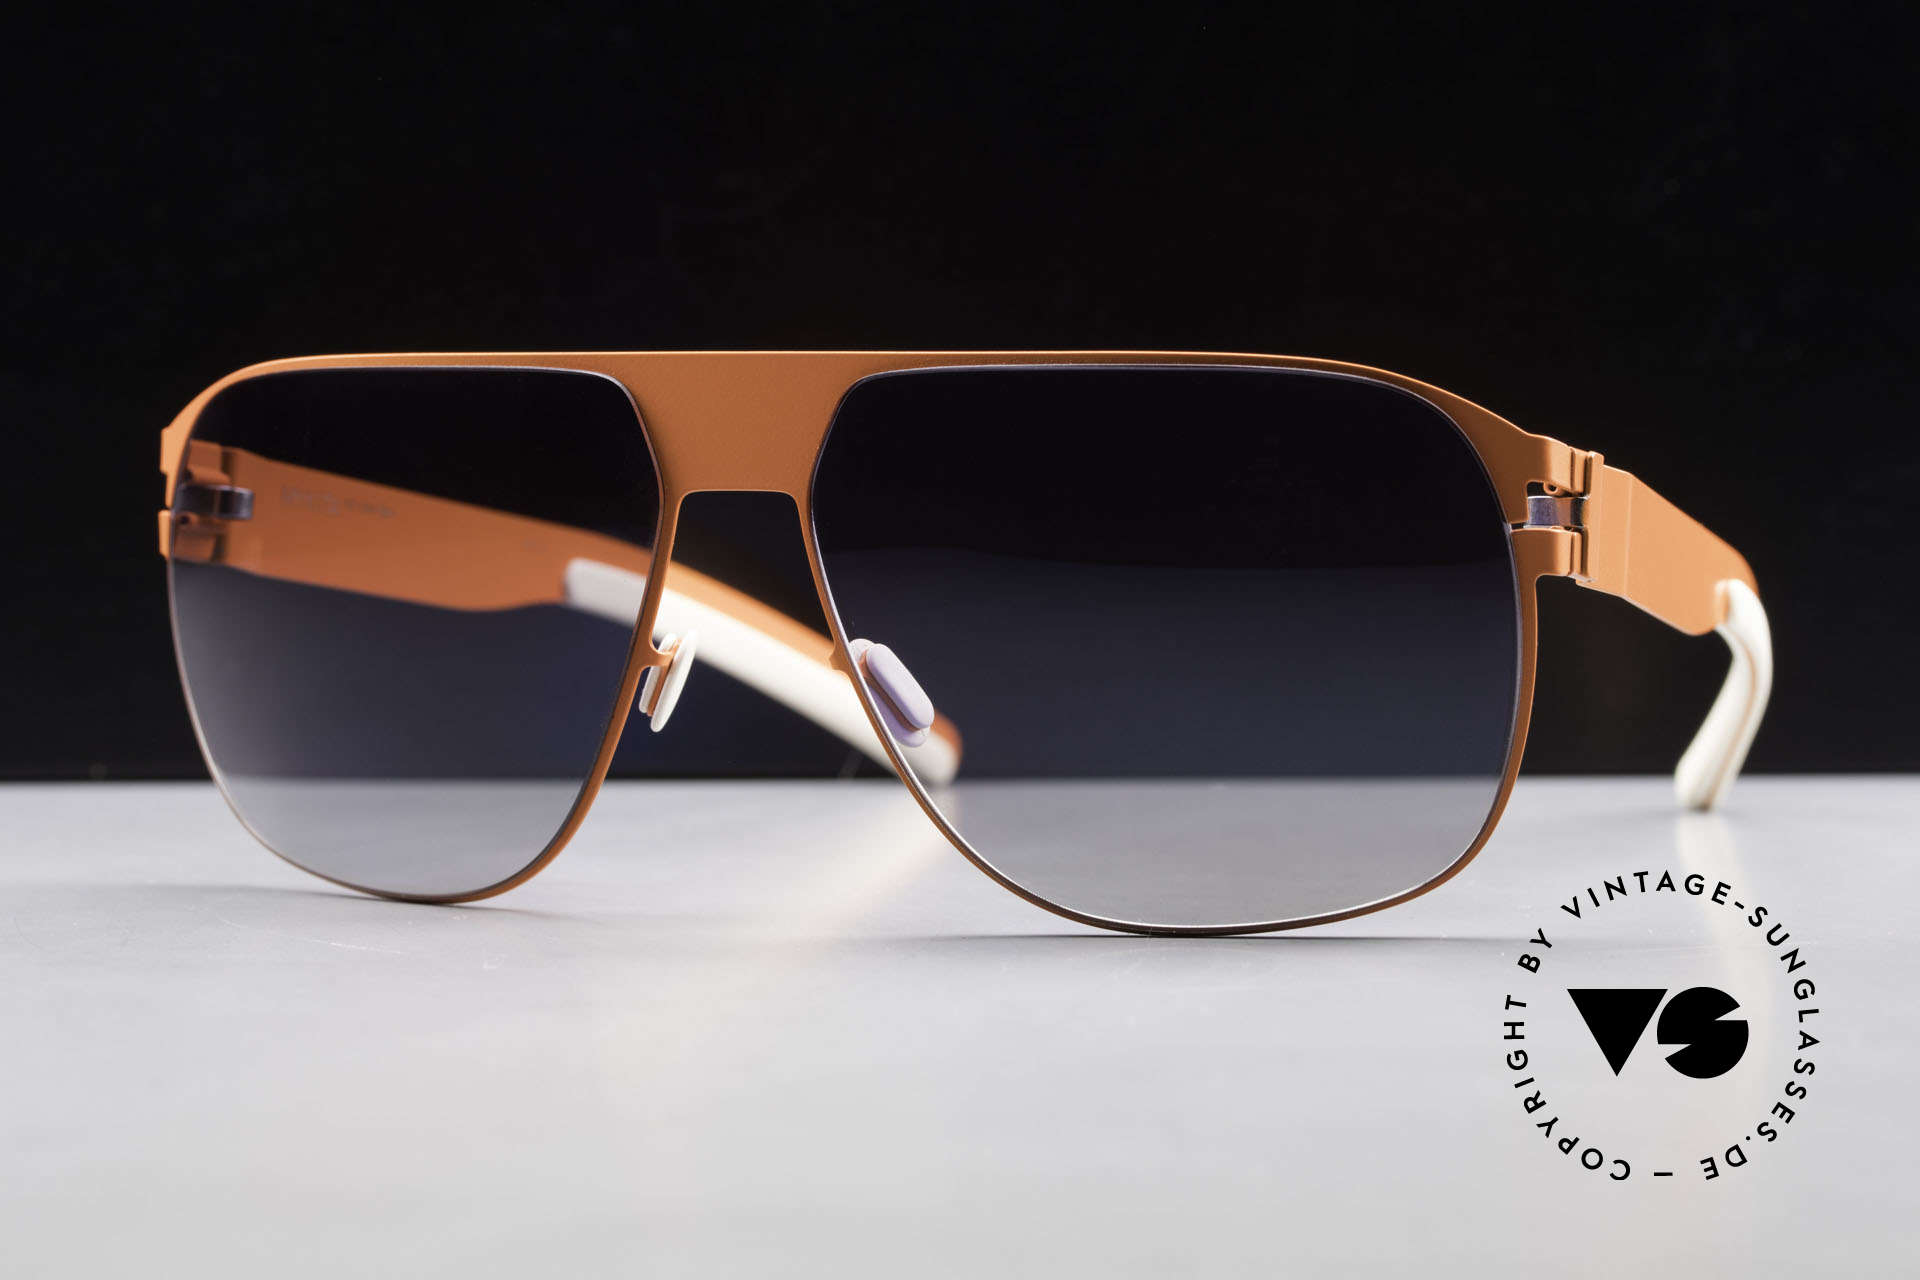 Mykita Tim Collection No 1 Sonnenbrille, Modell No.1 Sun Tim Neonorange, black gradient, 61/14, Passend für Herren